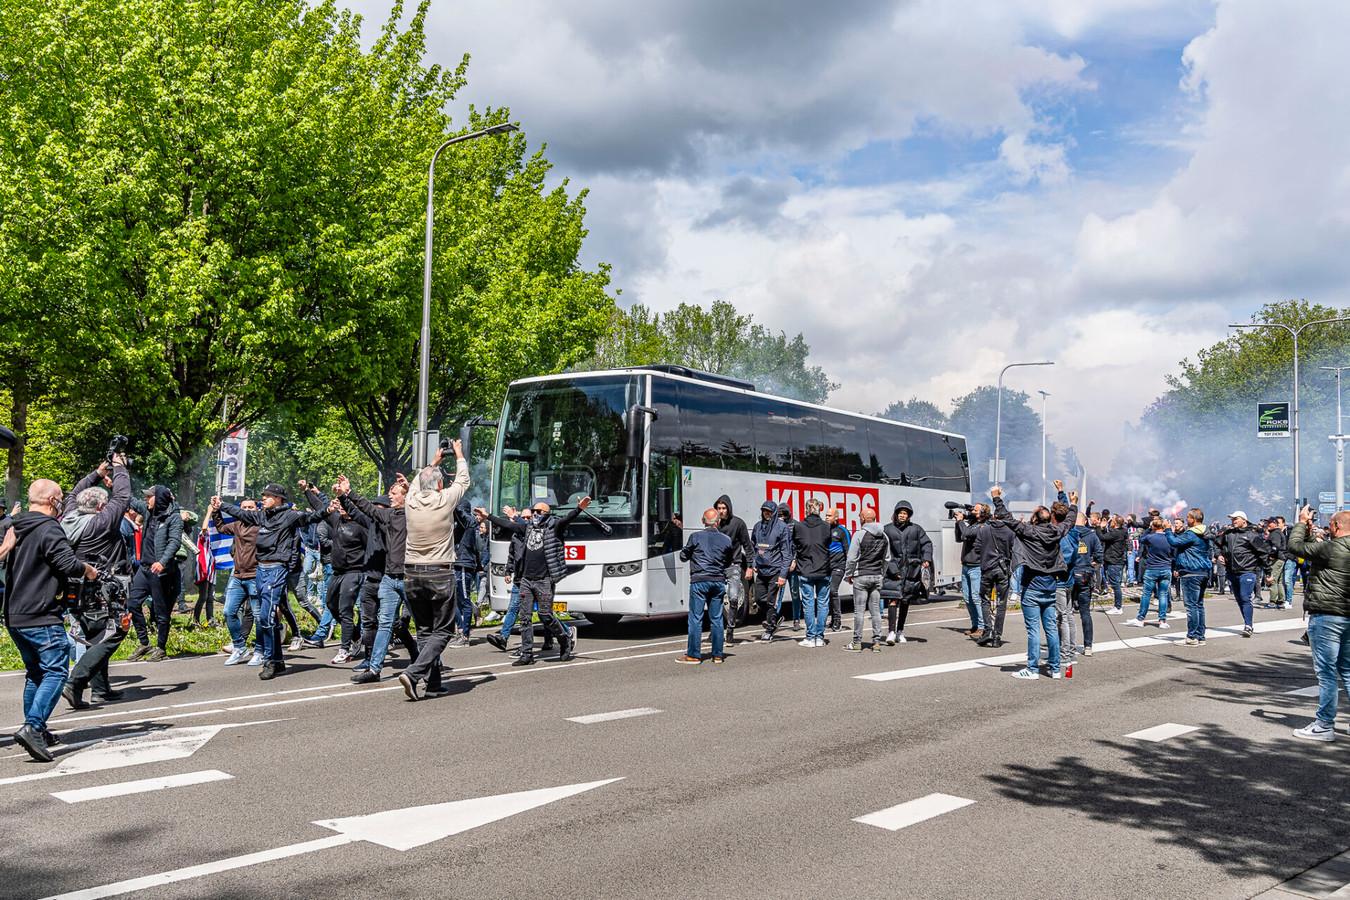 Supportersactie Willem II